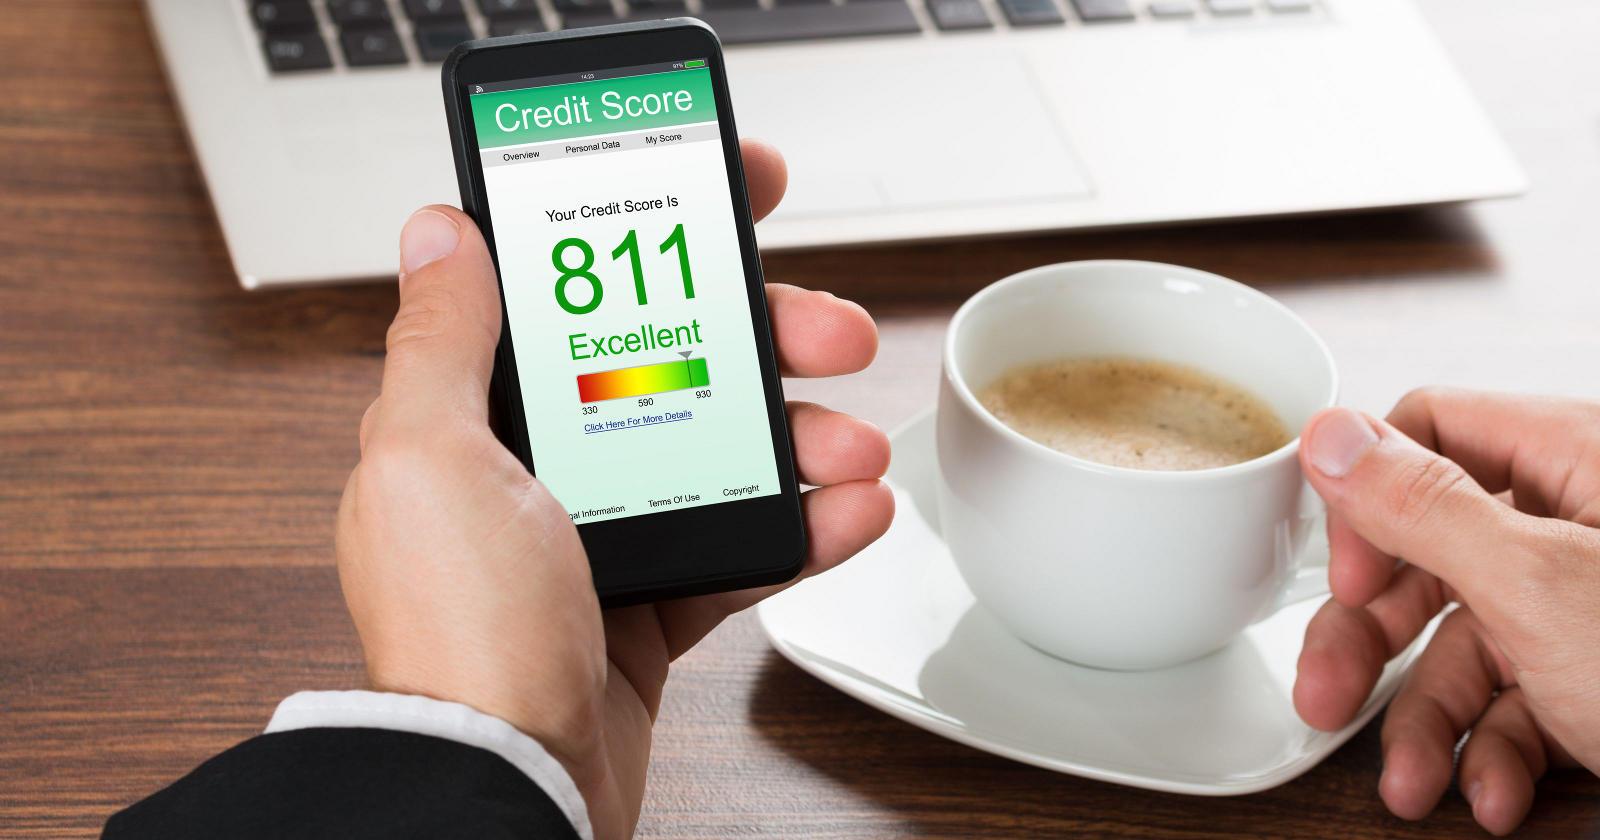 Høy kredittkort kan bety bedre vilkår på lån uten sikkerhet.